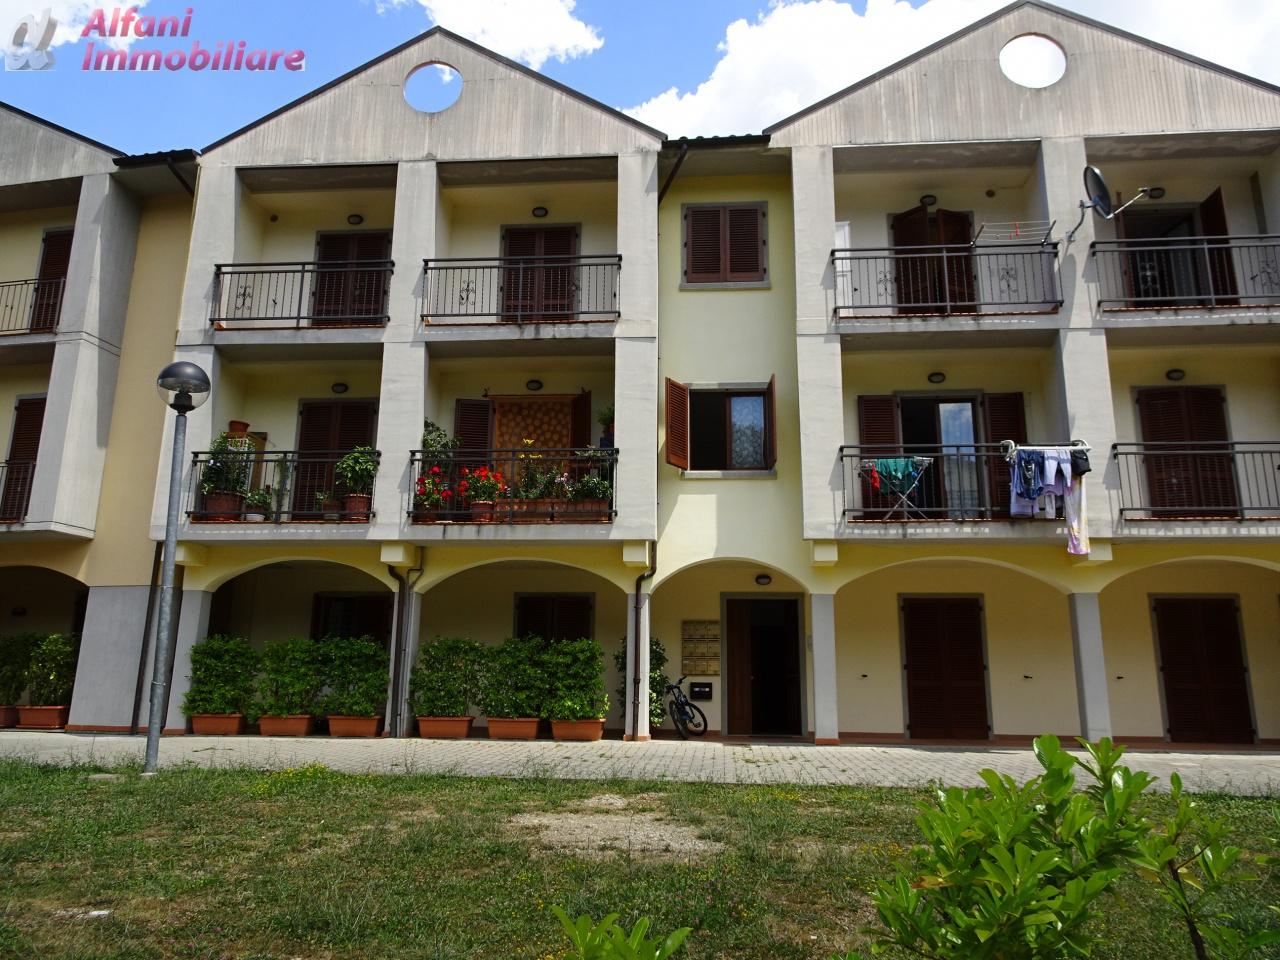 Appartamento indipendente trilocale in vendita a Pratovecchio (AR)